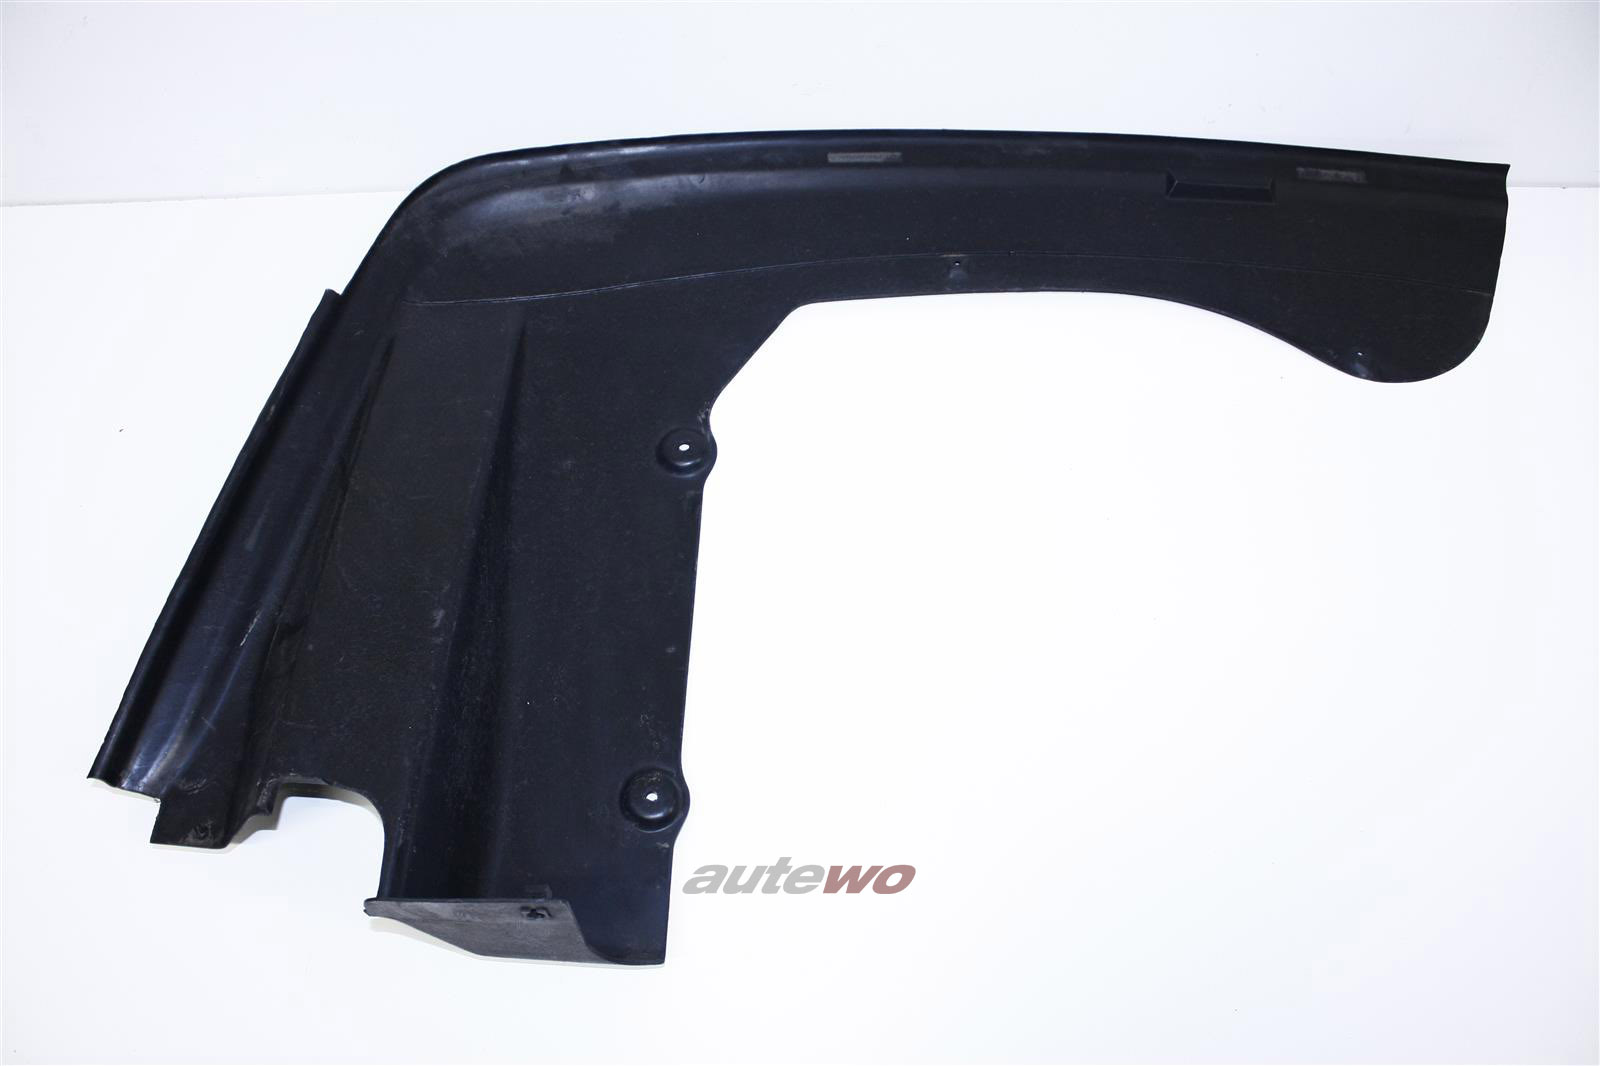 Audi A8 D2 Geräuschdämpfung Unterfahrschutz Hinten Rechts 4D0804840